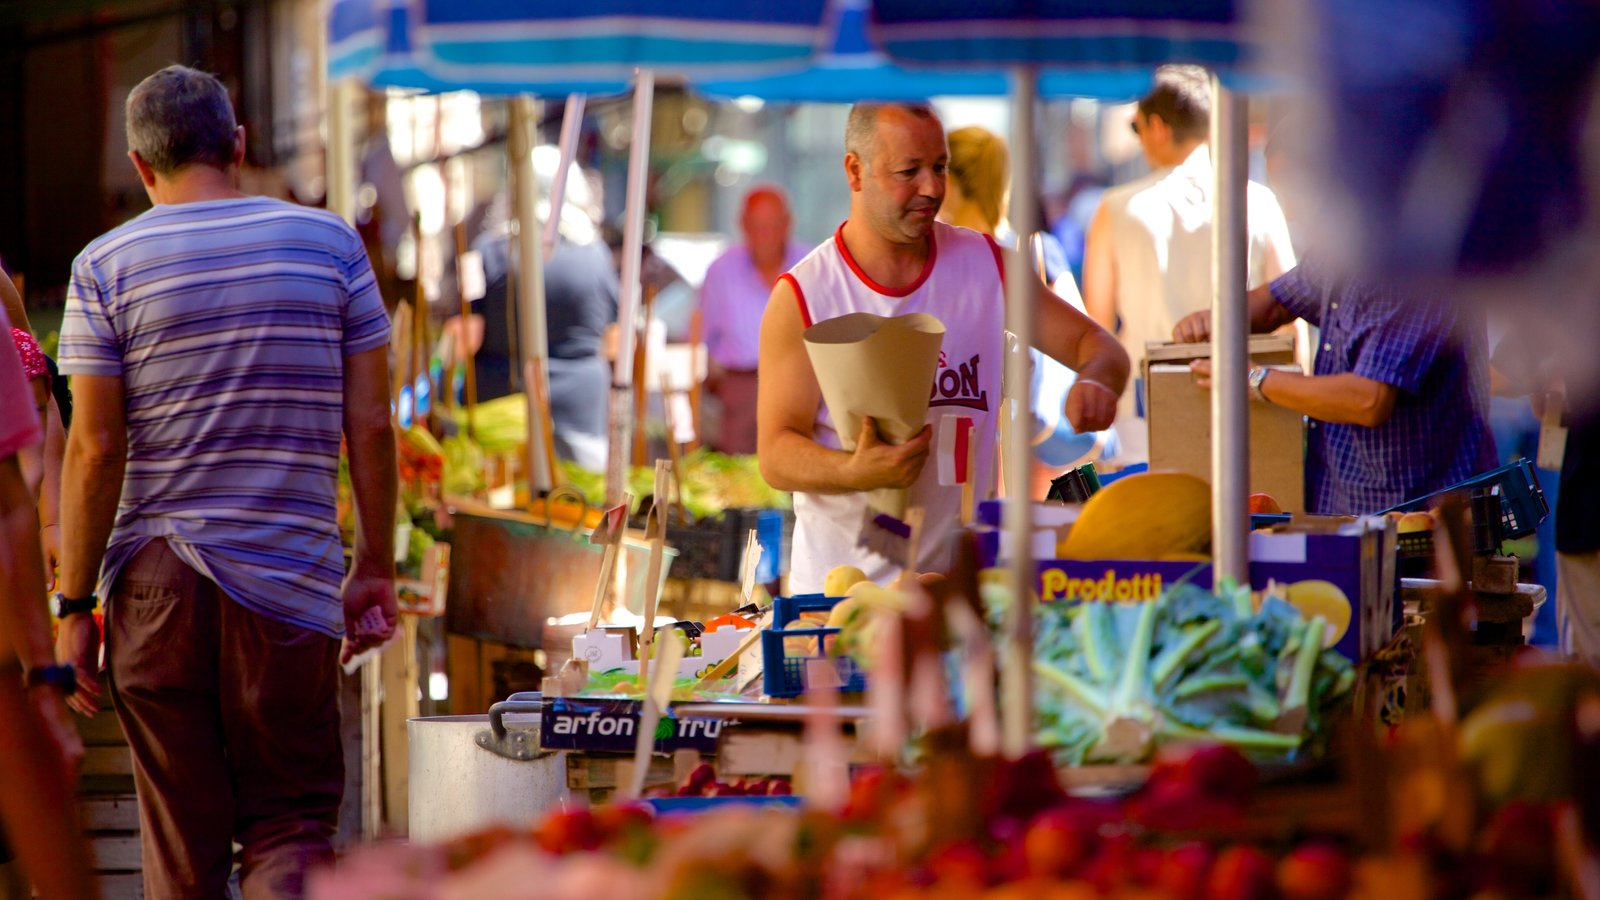 Il Capo Market which includes street scenes